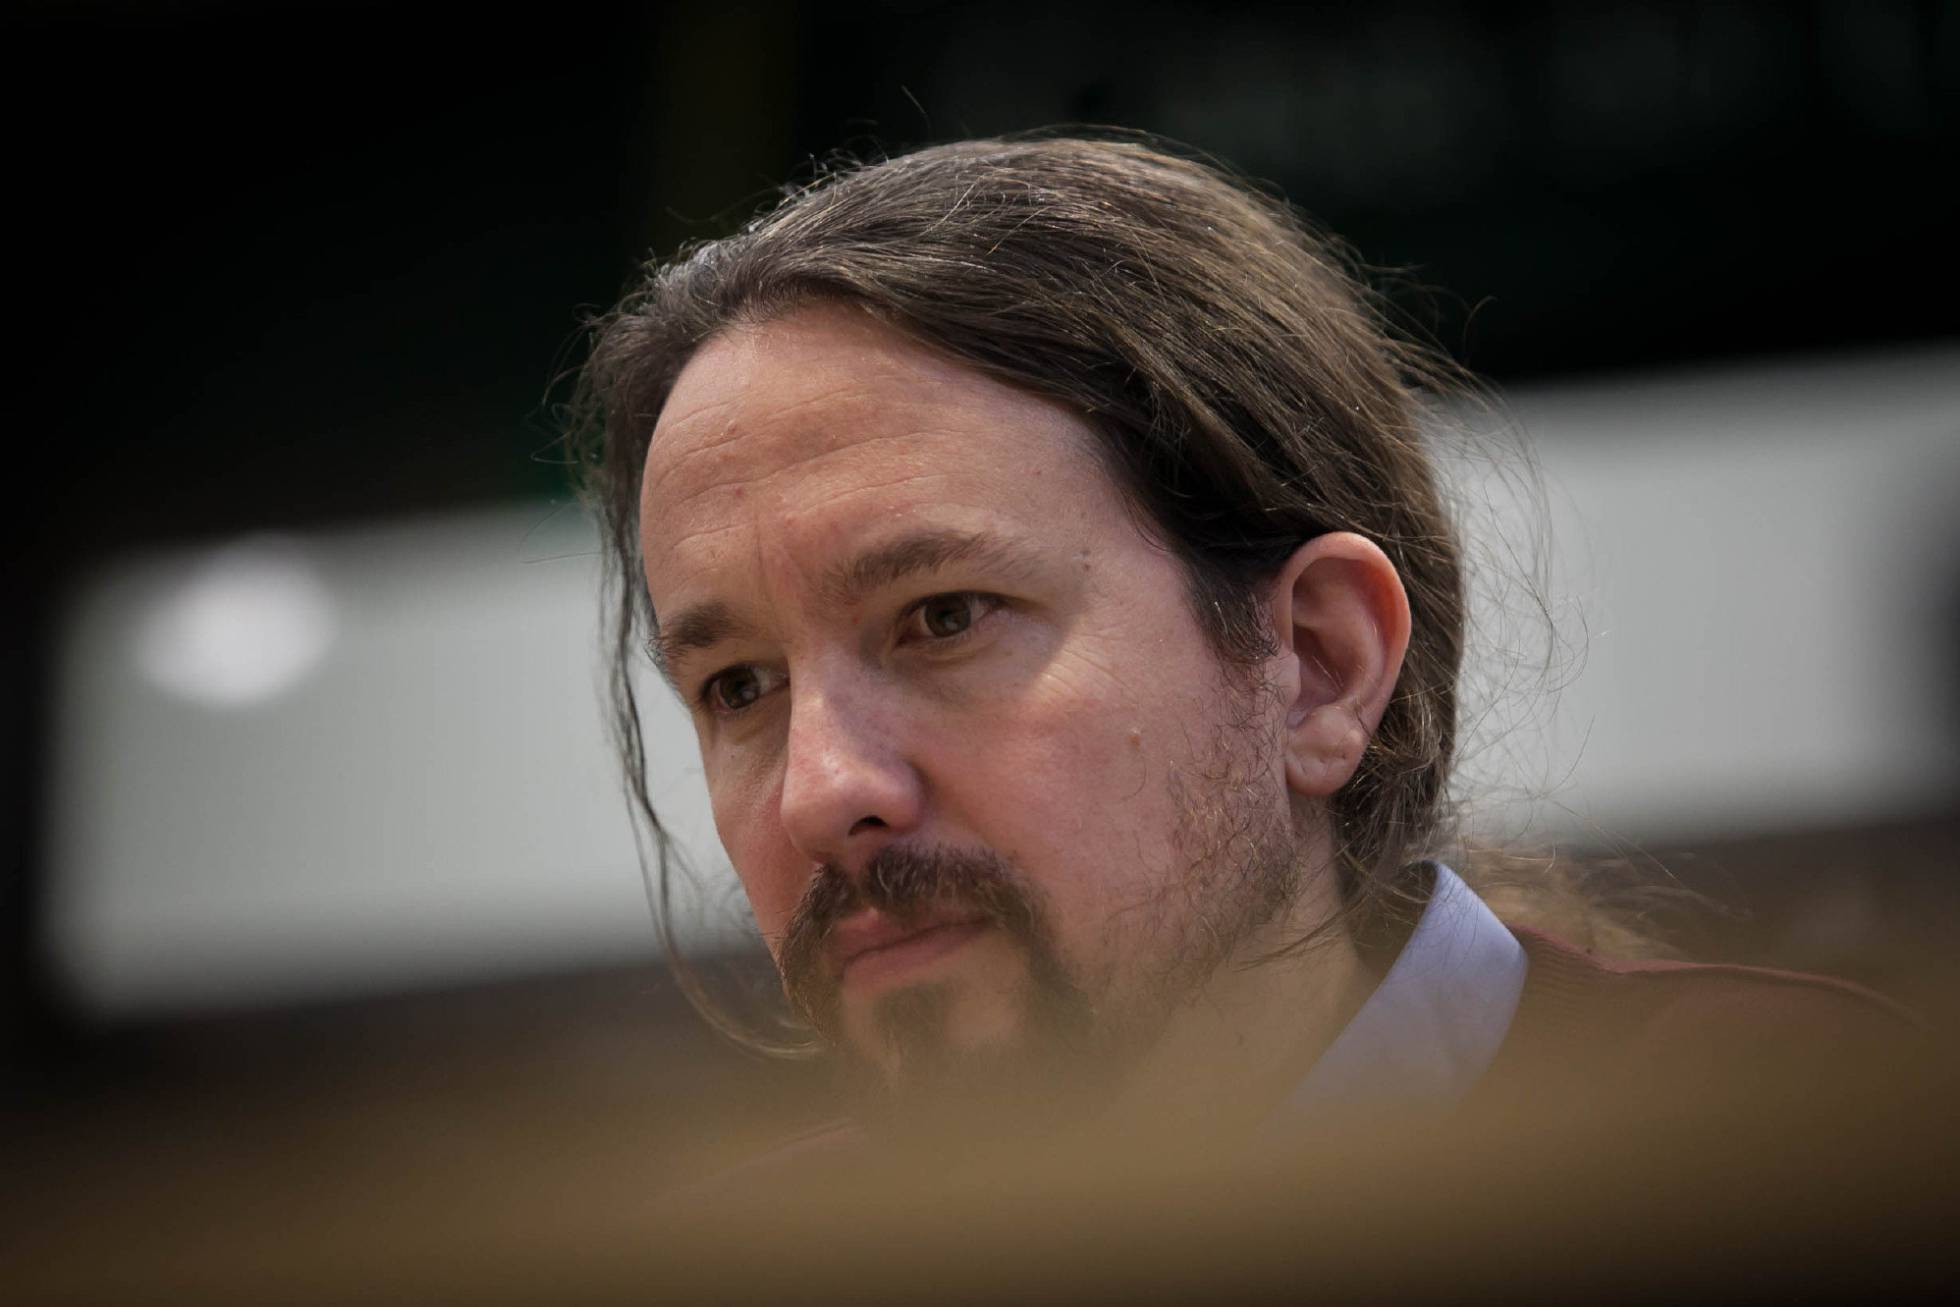 """Pablo Iglesias del frente """"Podemos"""" es el nuevo candidato a la presidencia de España"""